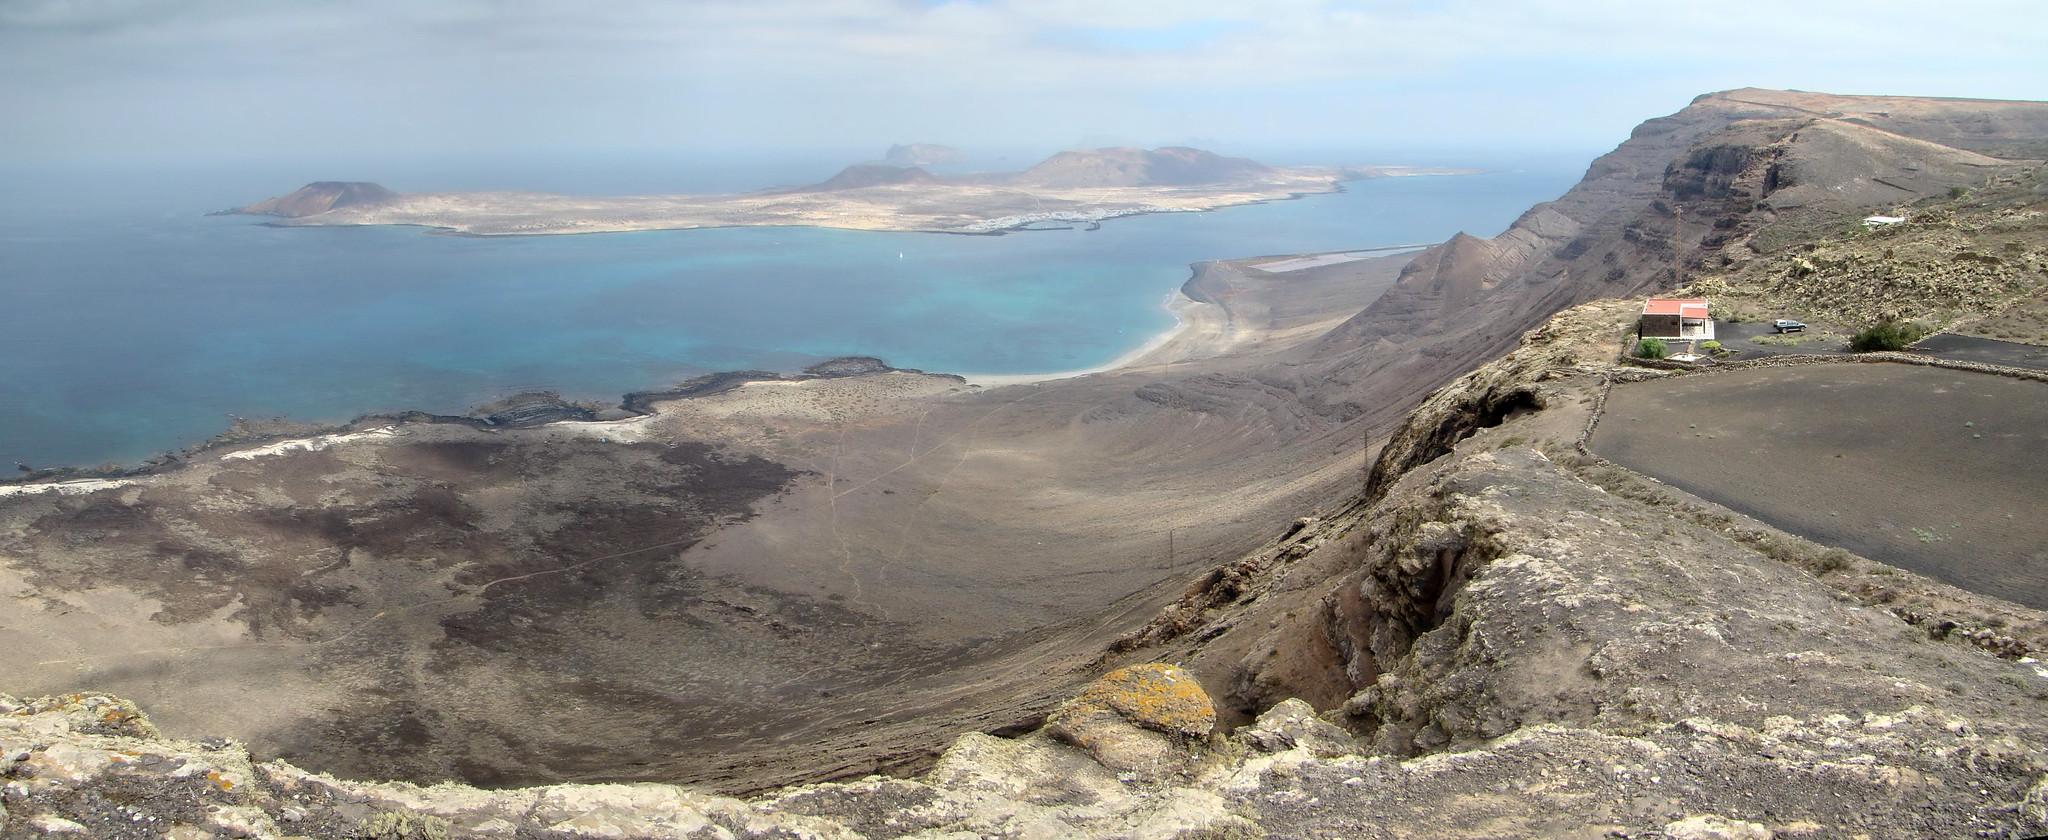 Vista de La isla de la Graciosa, Playa Famara, senderismo de Guinate a Ye Lanzarote